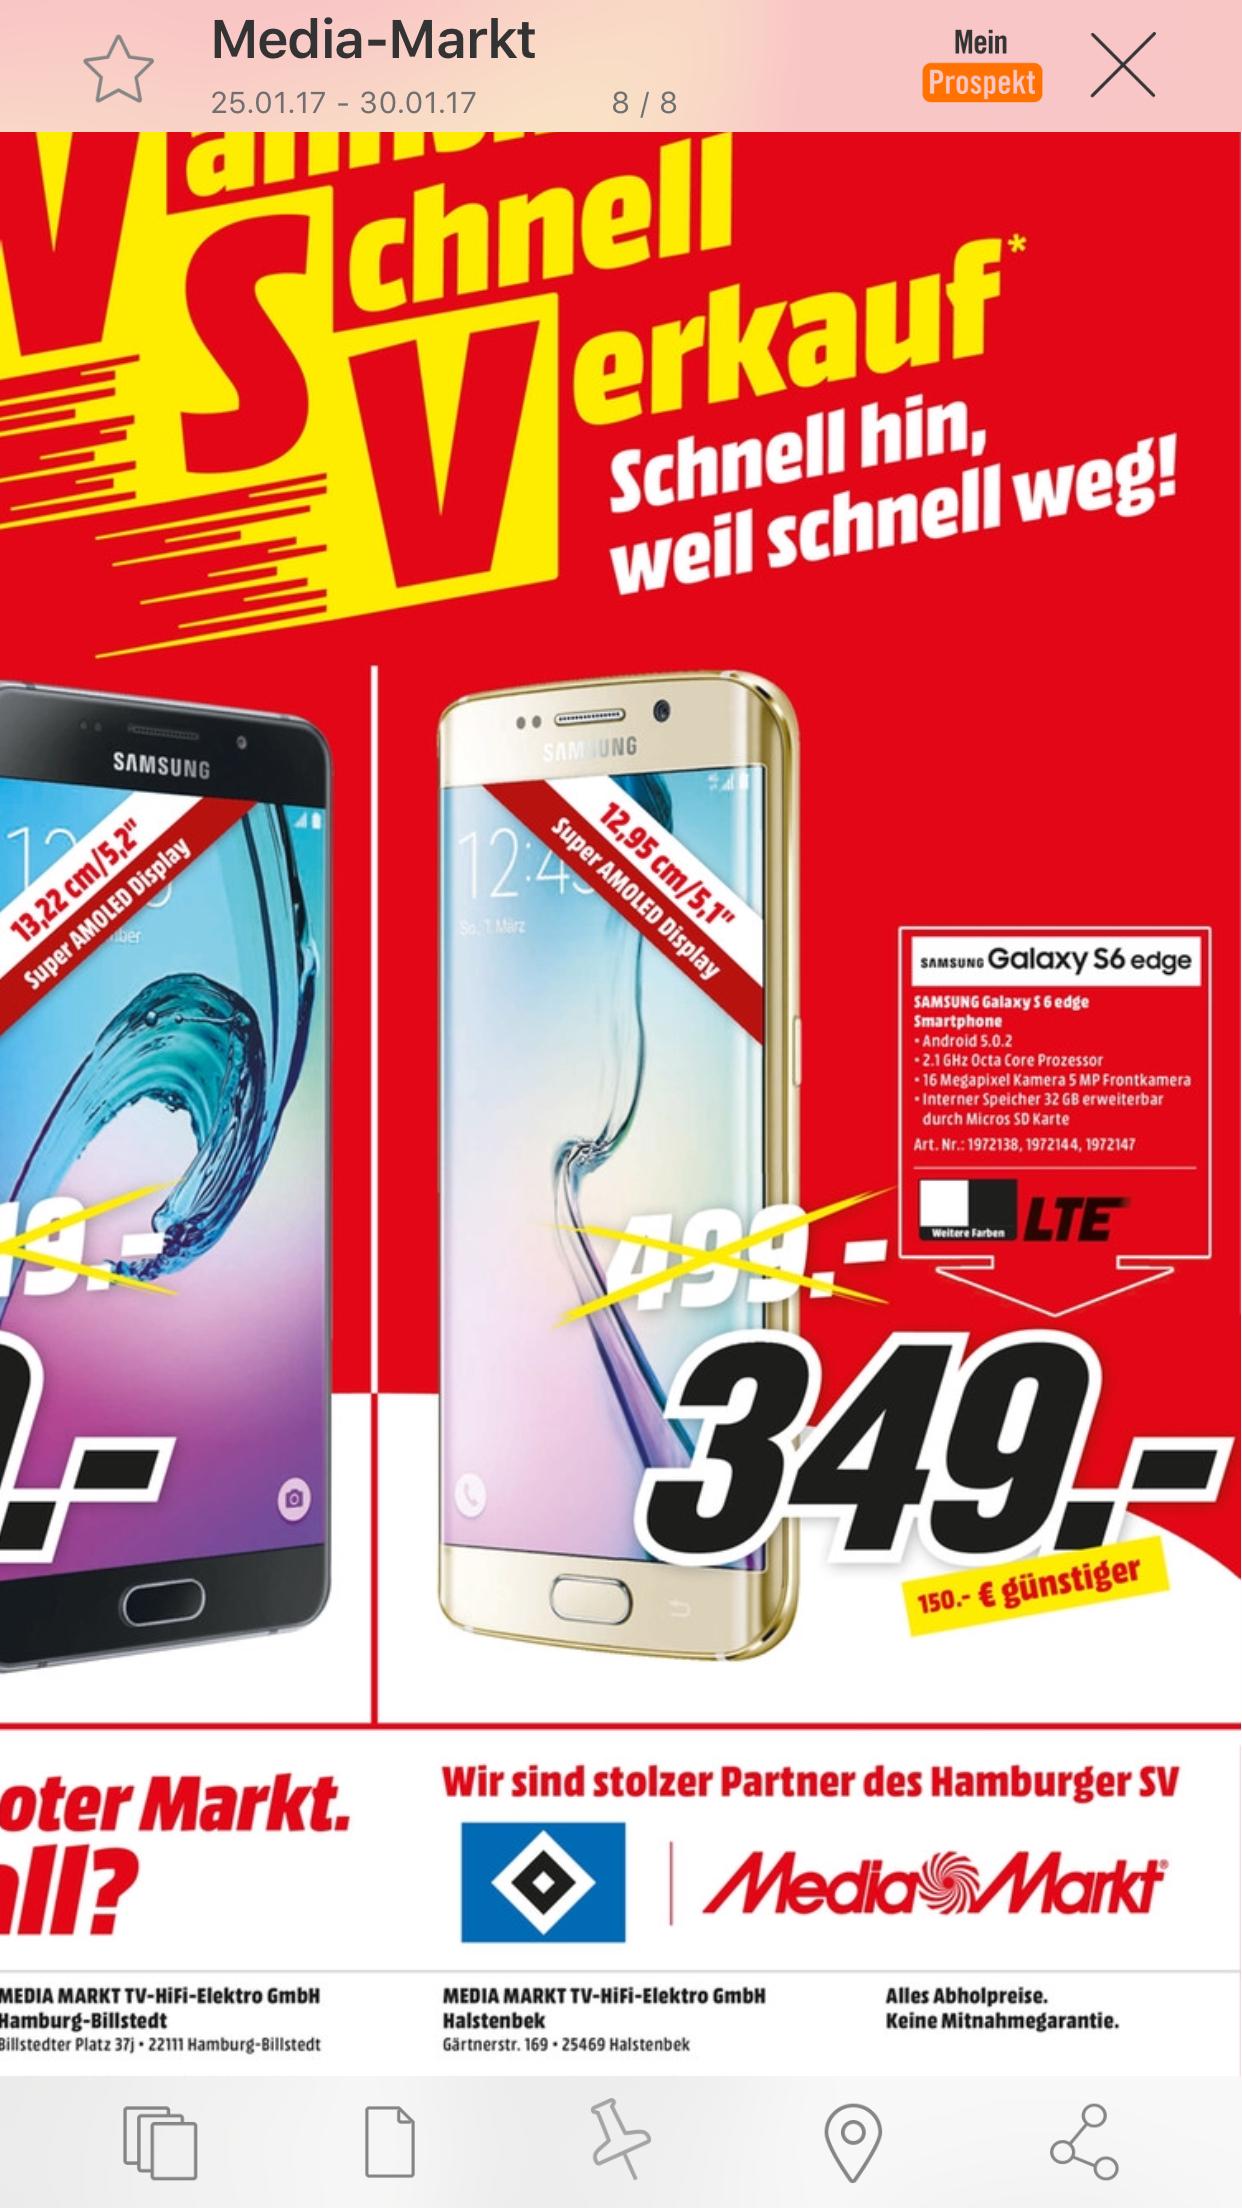 [Lokal Mediamarkt Hamburg] Samsung Galaxy S6 Edge (32GB) in Schwarz,Weiß oder Gold für je 349,-€